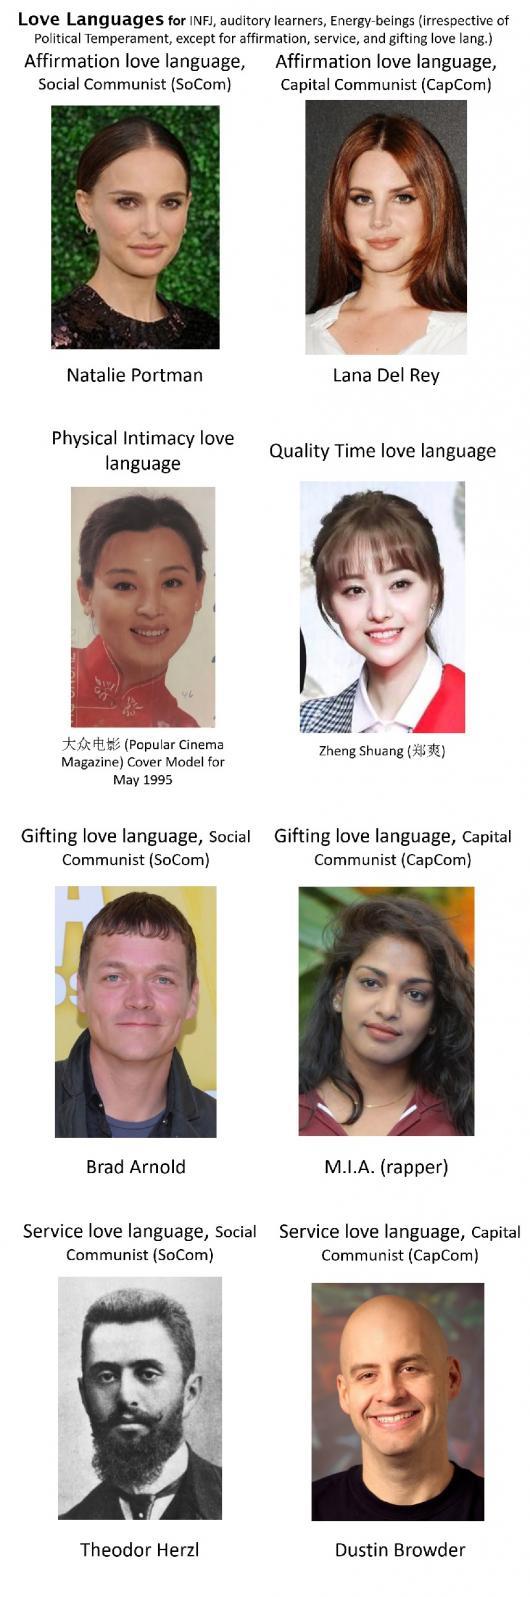 www.personalitycafe.com